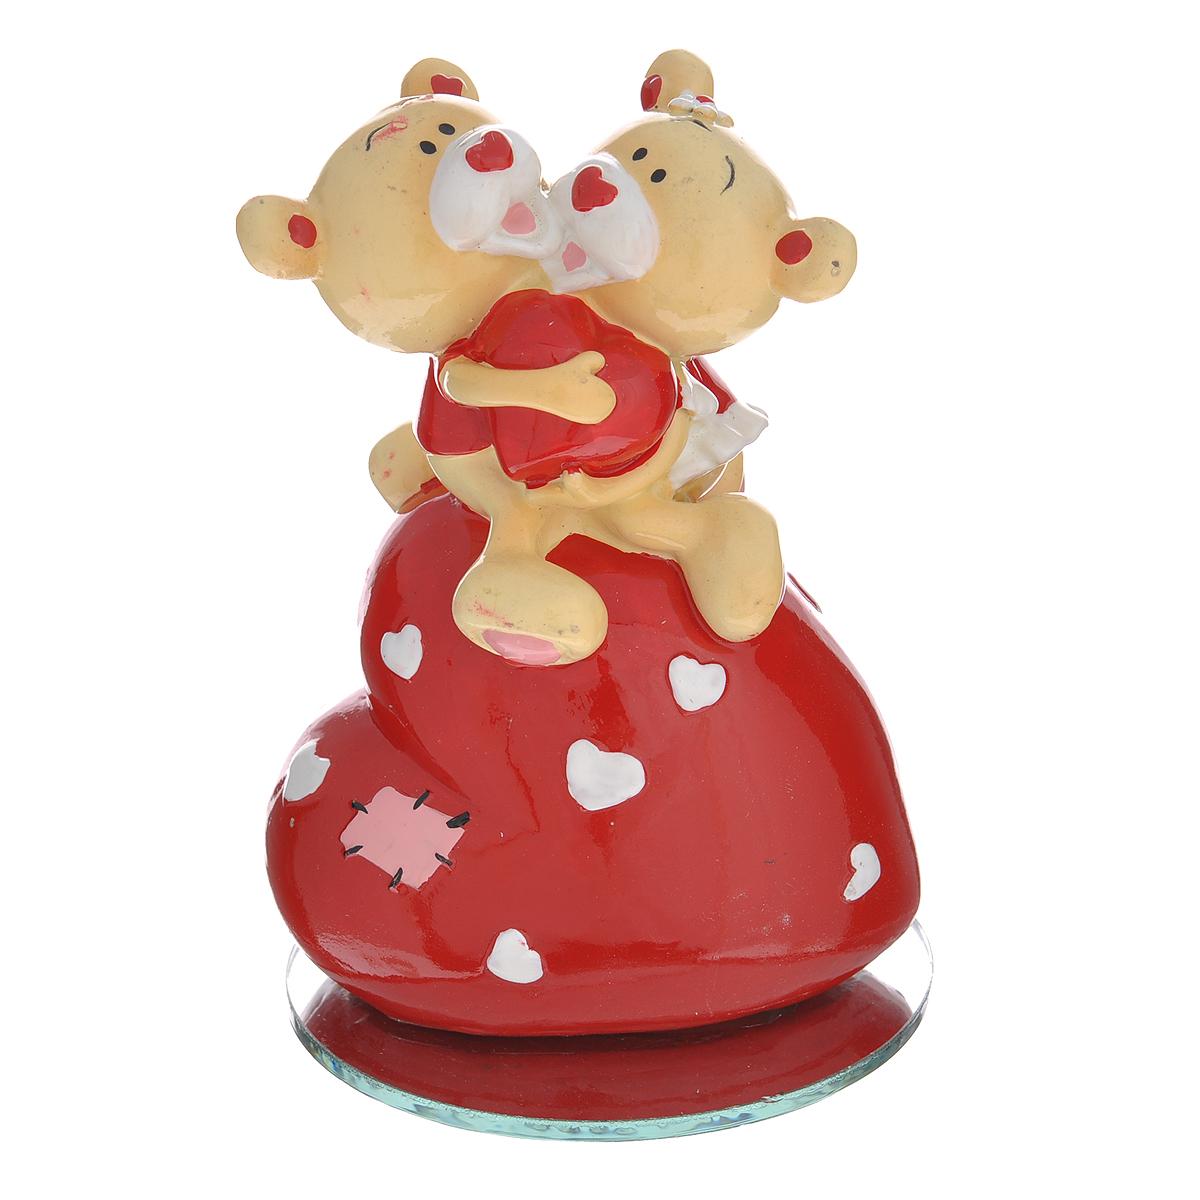 Фигурка декоративная Мишка-валентинка, цвет: красный. 123439123439Декоративная фигурка Мишка-валентинка выполнена из полистоуна и стекла в виде парочки обнимающихся медвежат на большом сердечке. Эта очаровательная фигурка послужит отличным функциональным подарком, а также подарит приятные мгновения и окунет вас в лучшие воспоминания. Характеристики: Материал: полистоун, стекло. Размер фигурки: 7,5 см х 3,5 см х 11 см. Цвет: красный. Артикул: 123439.